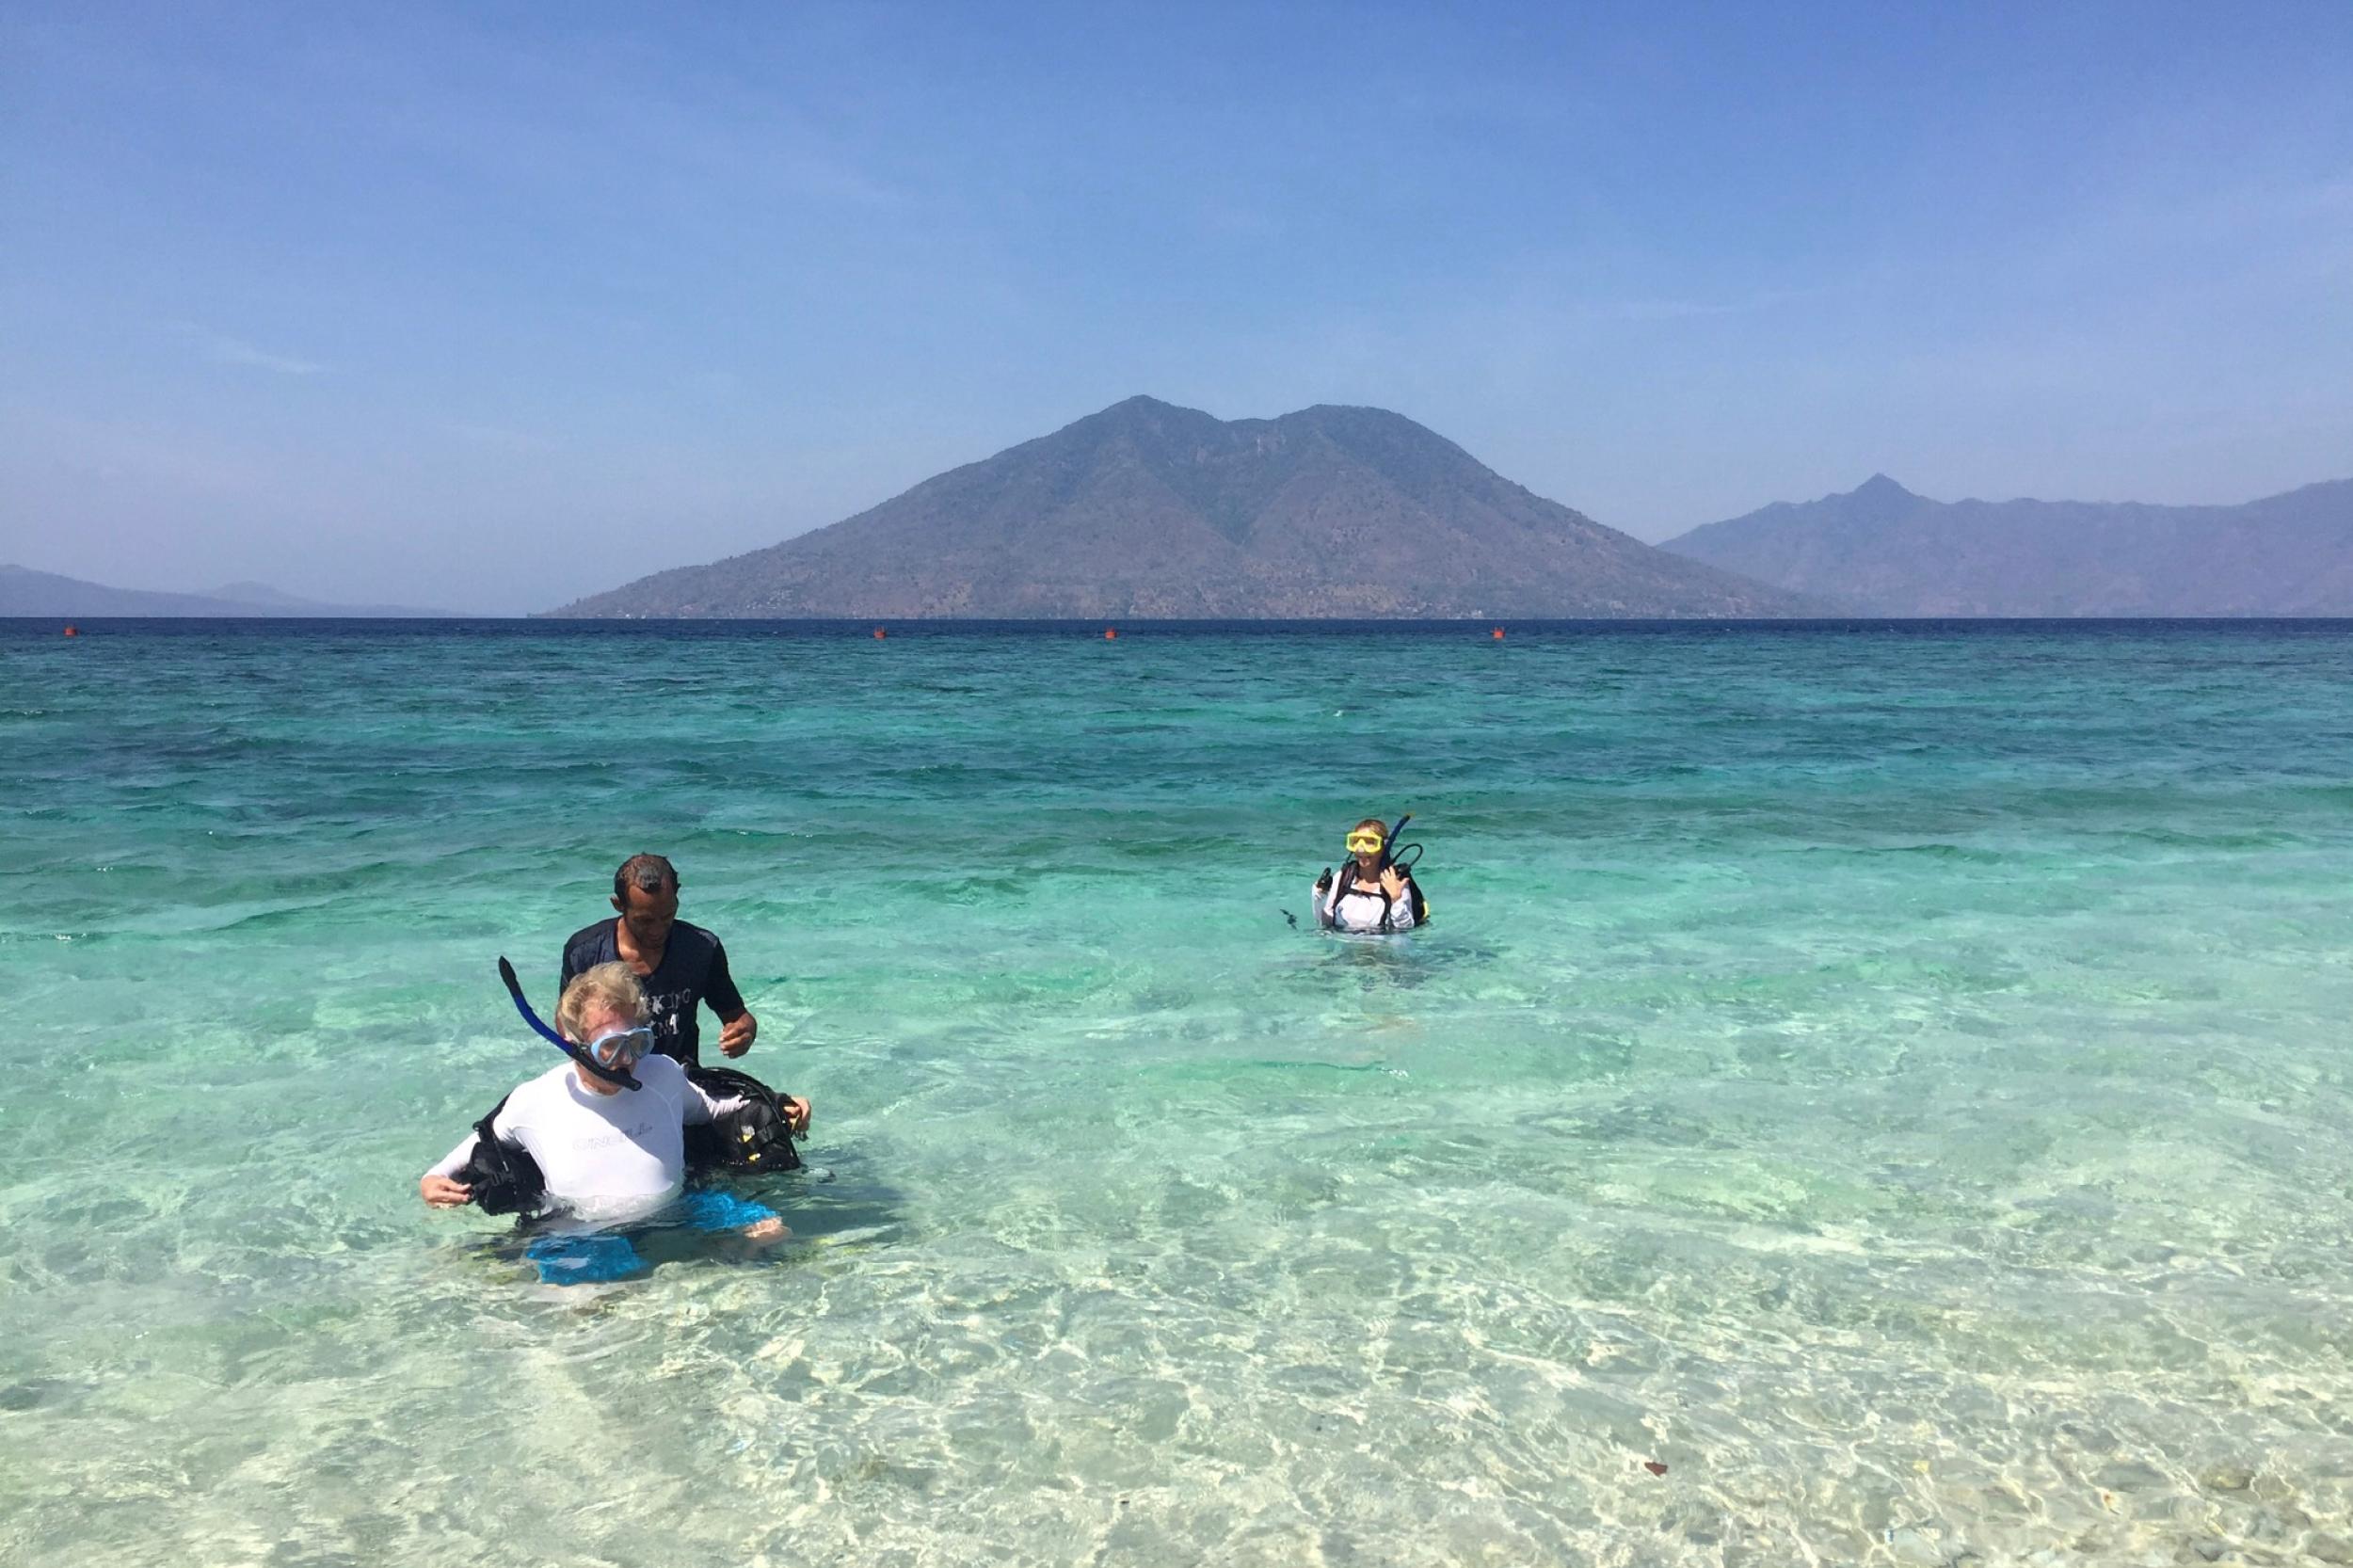 Shore diving at Sebanjar beach 1